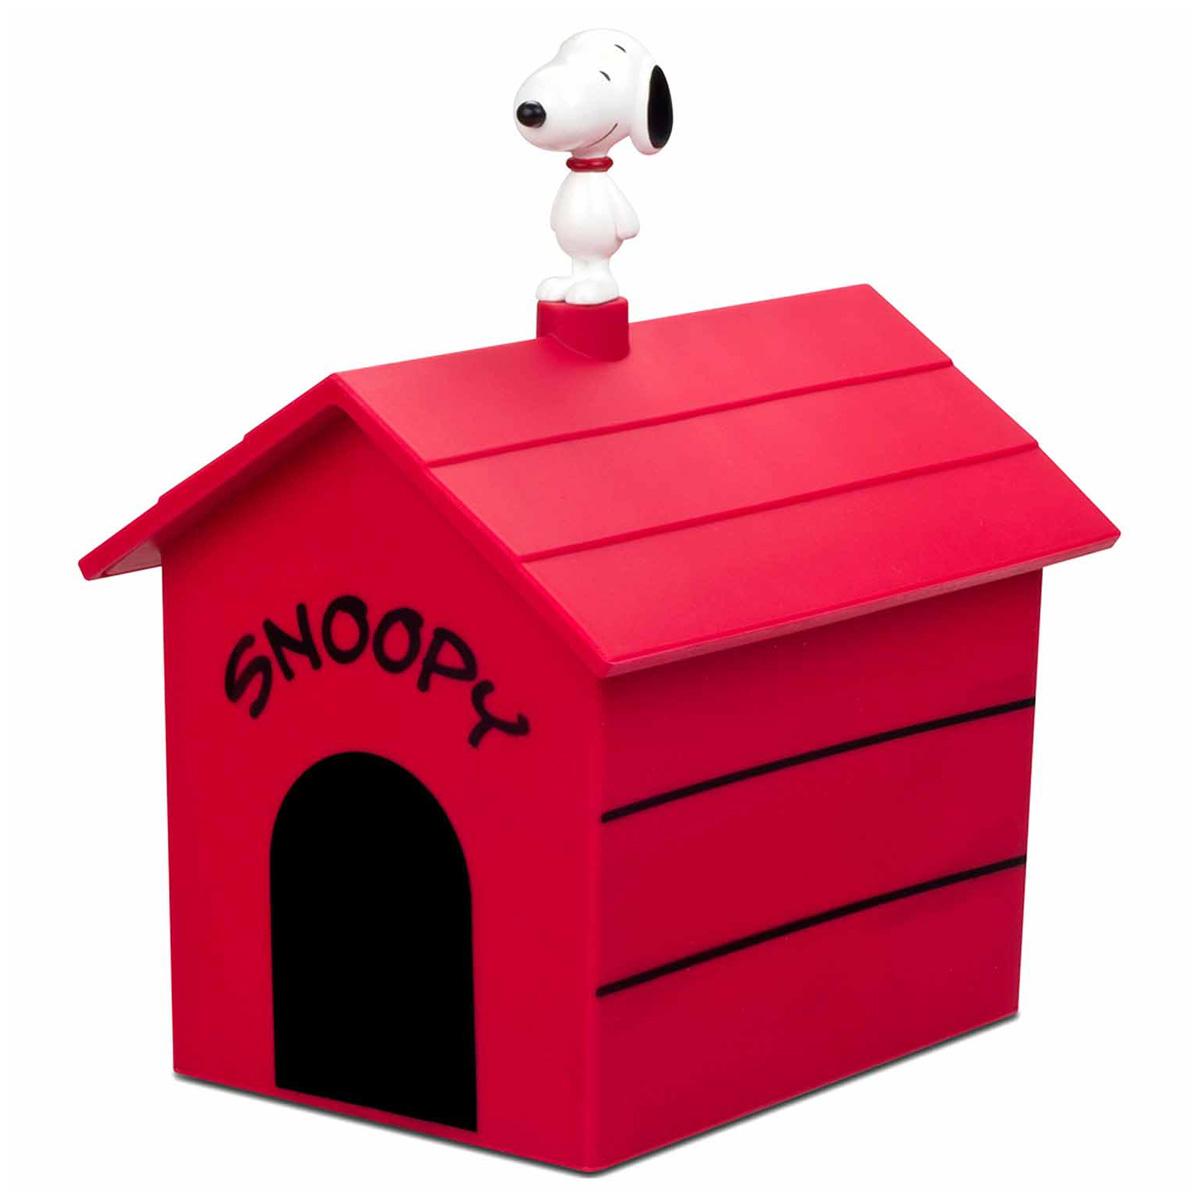 1200x1200 Snoopy Dog House Popcorn Popper